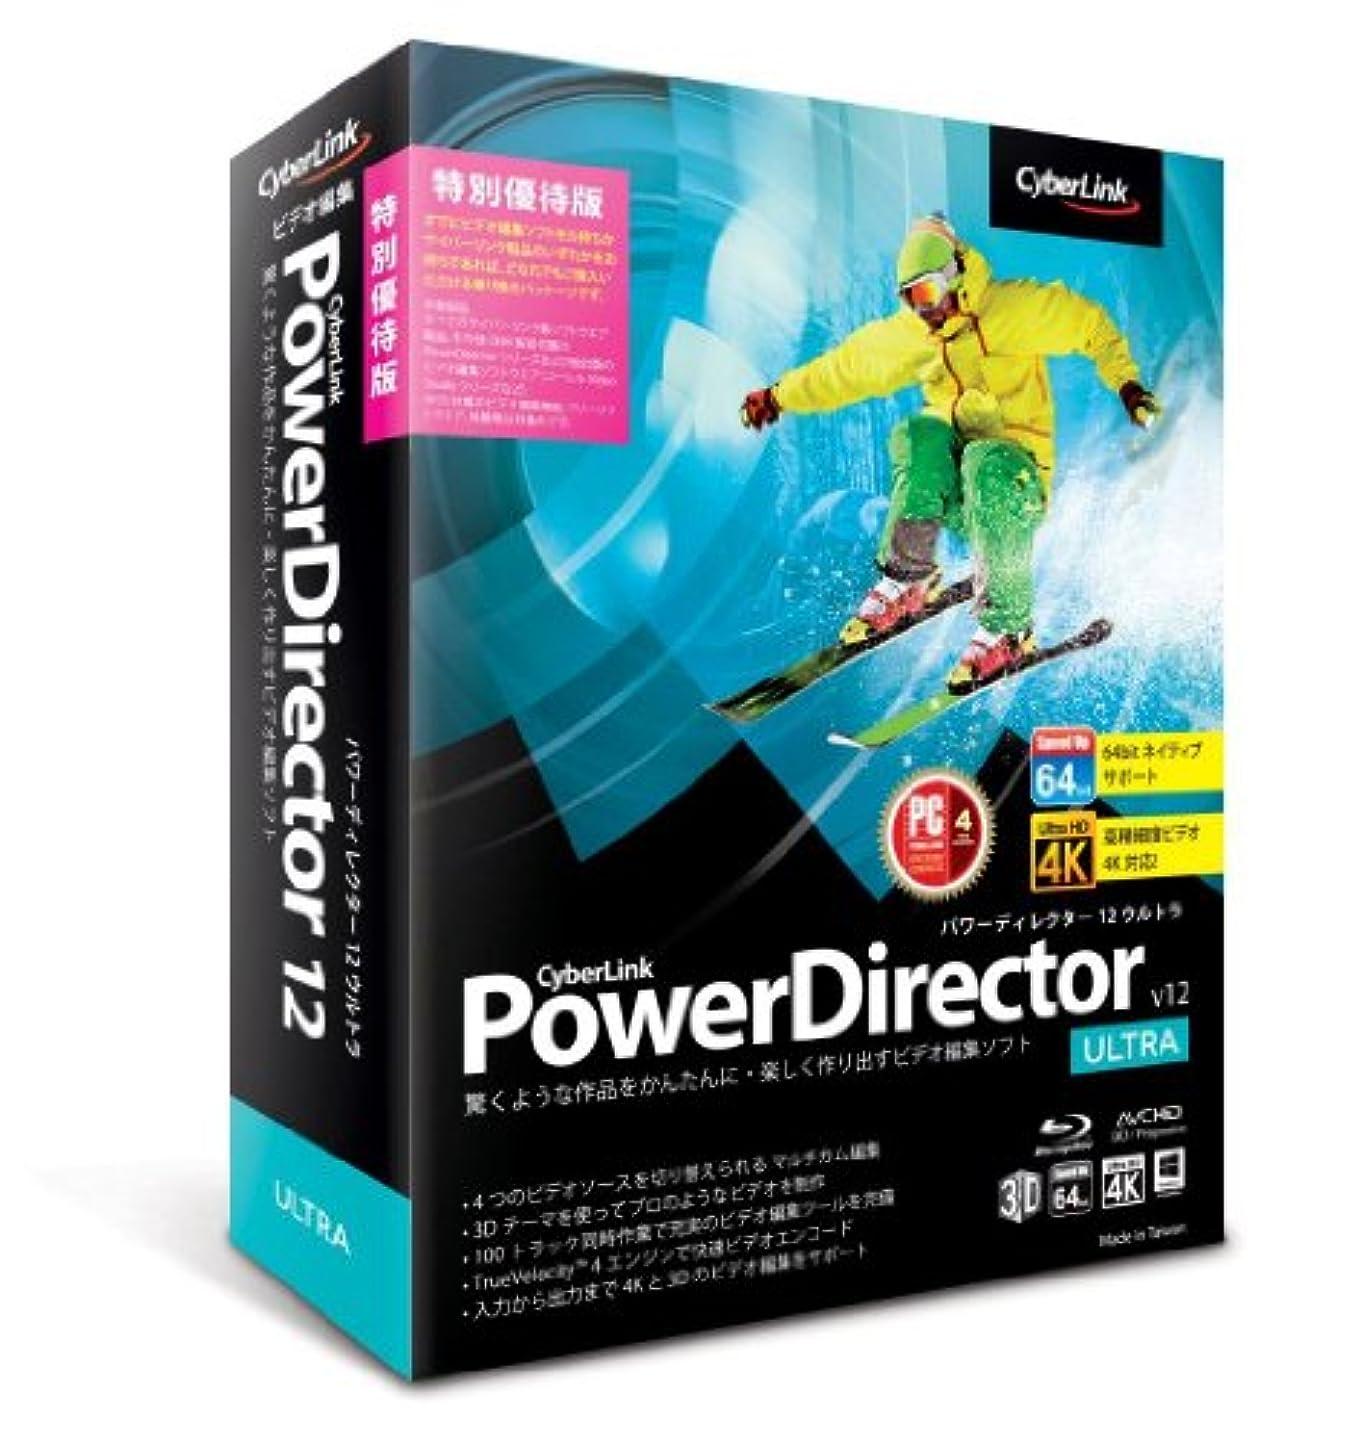 冒険者ほのかマニアPowerDirector12 Ultra 特別優待版